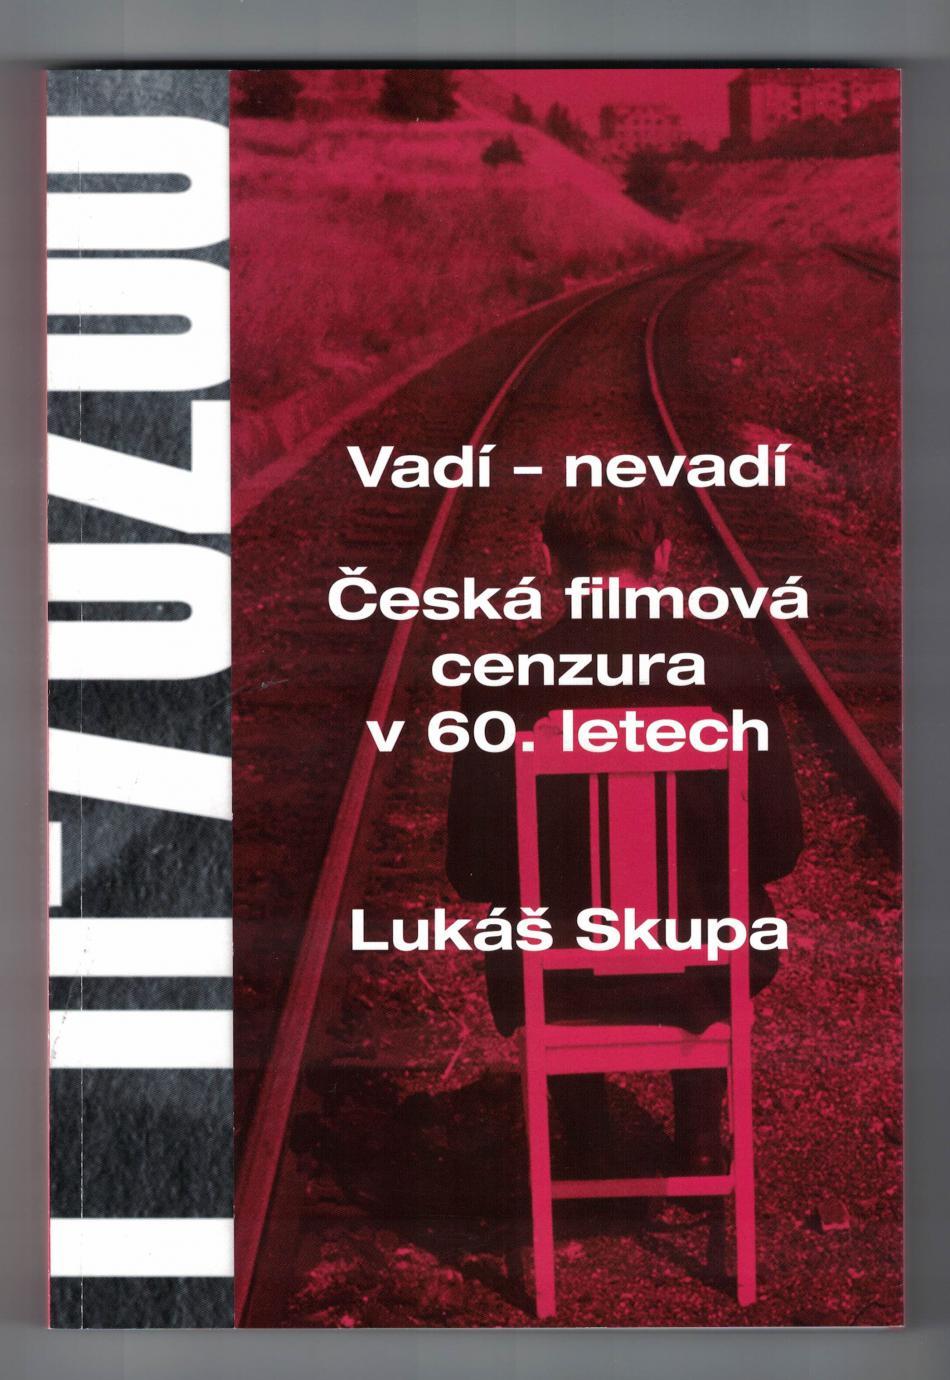 Vadí nevadí - česká filmová cenzura v 60. letech